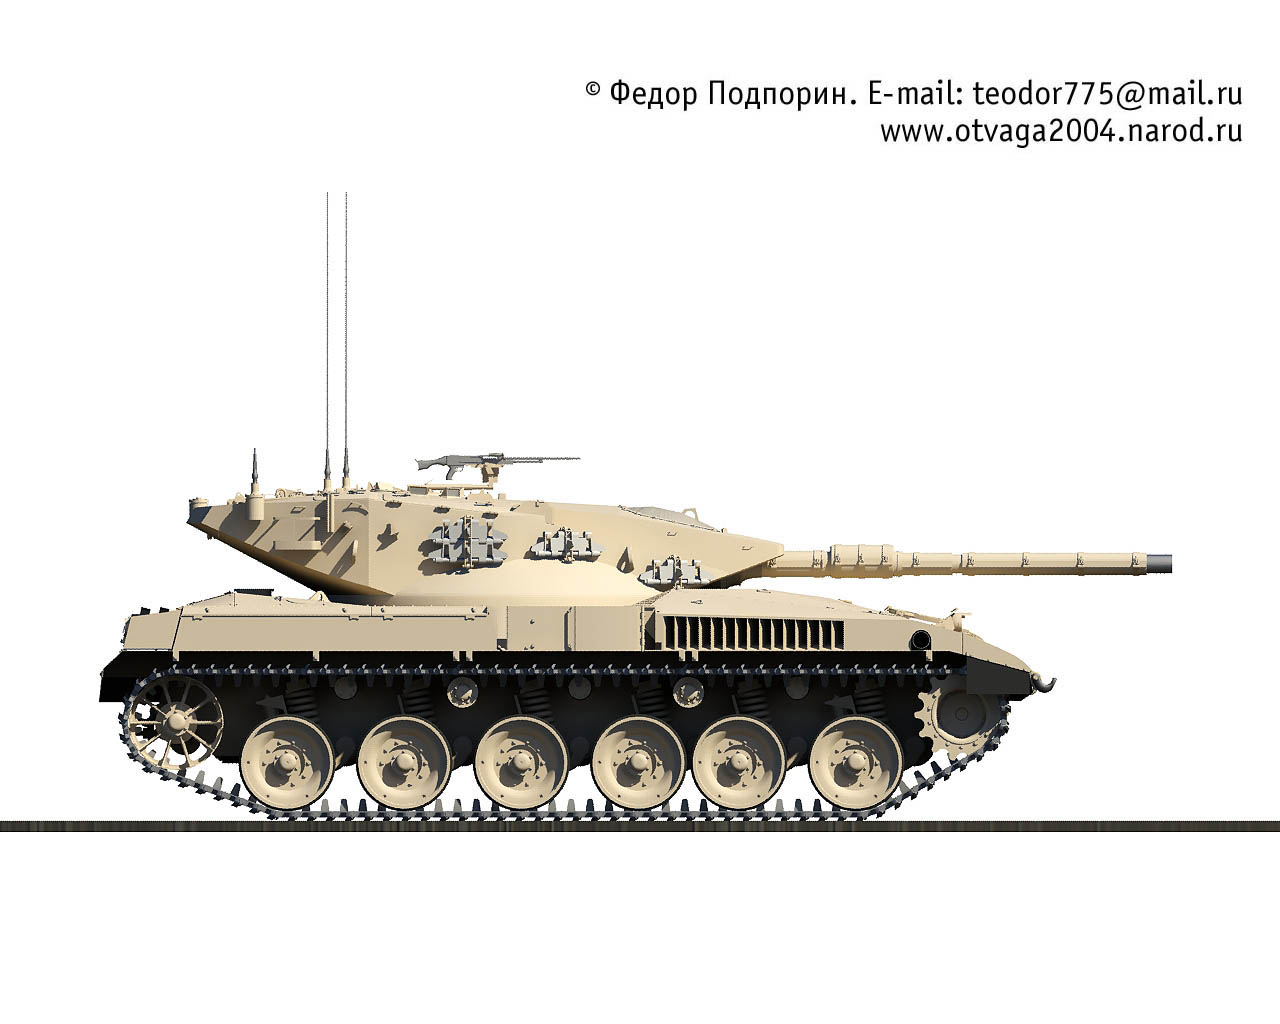 merkava-teodor775-otvaga2004-011